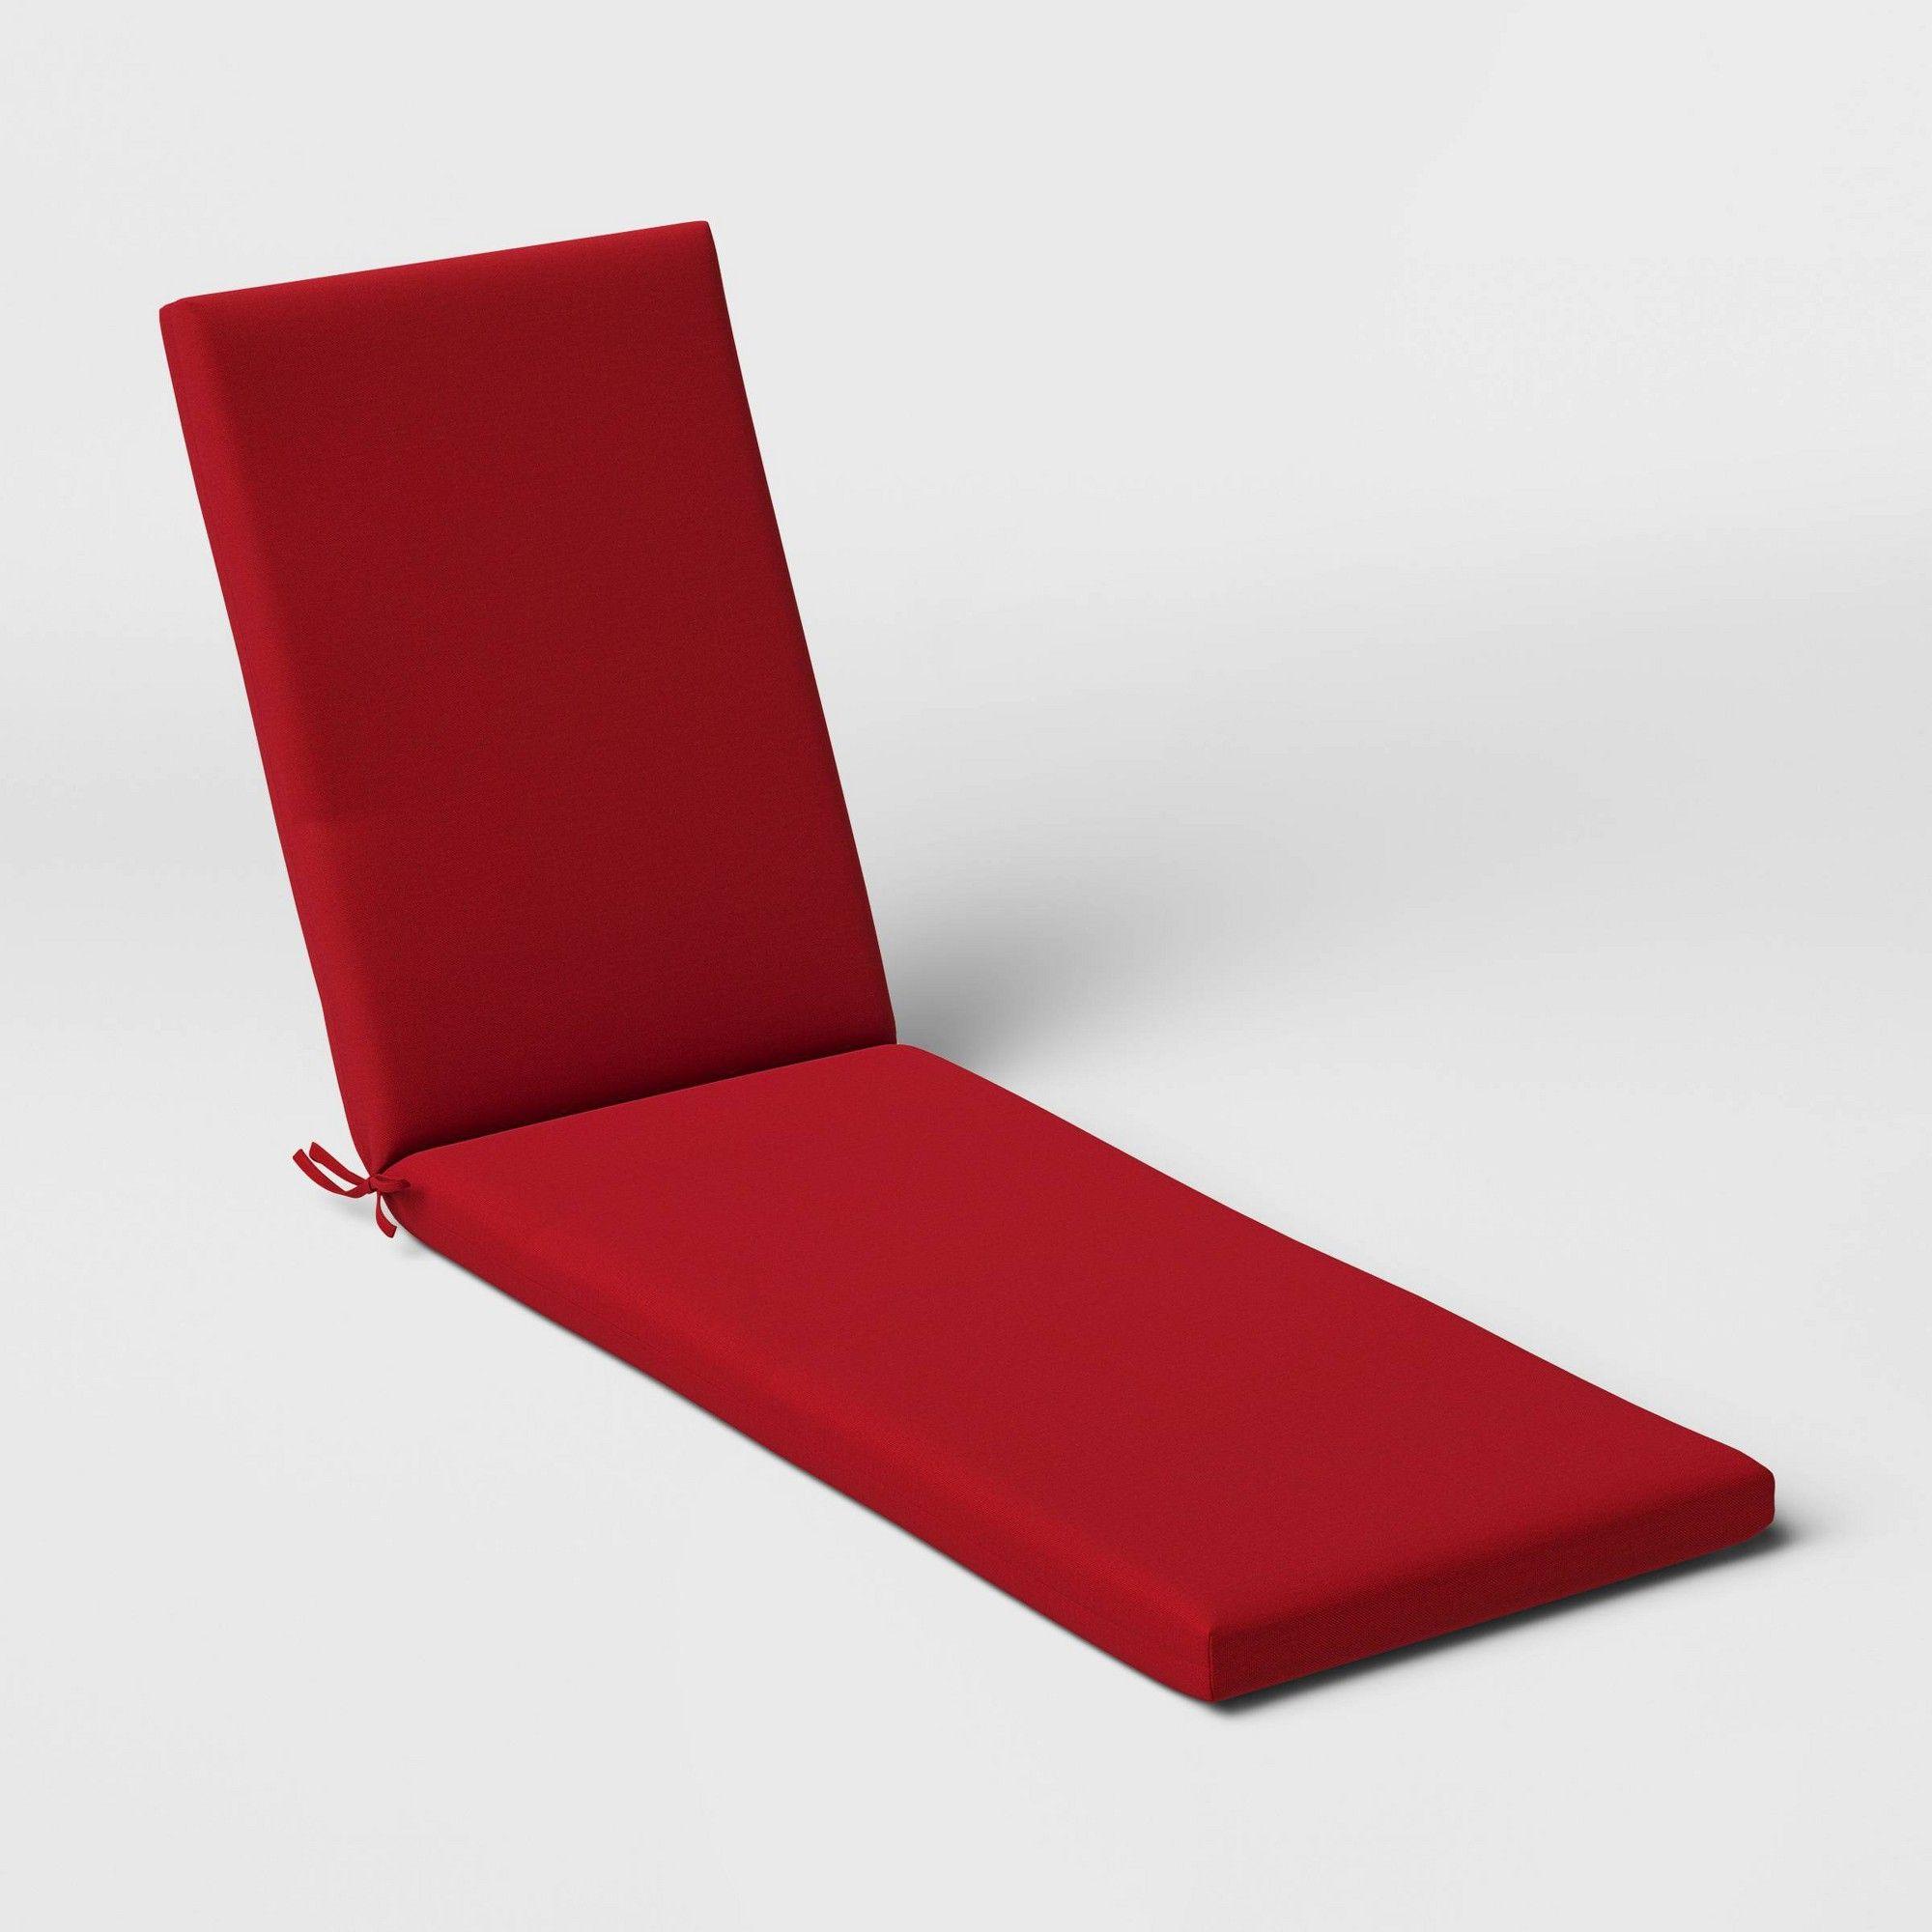 Woven Outdoor Chaise Cushion Duraseason Fabric Red Threshold Outdoor Chaise Cushions Chaise Cushions Cushions